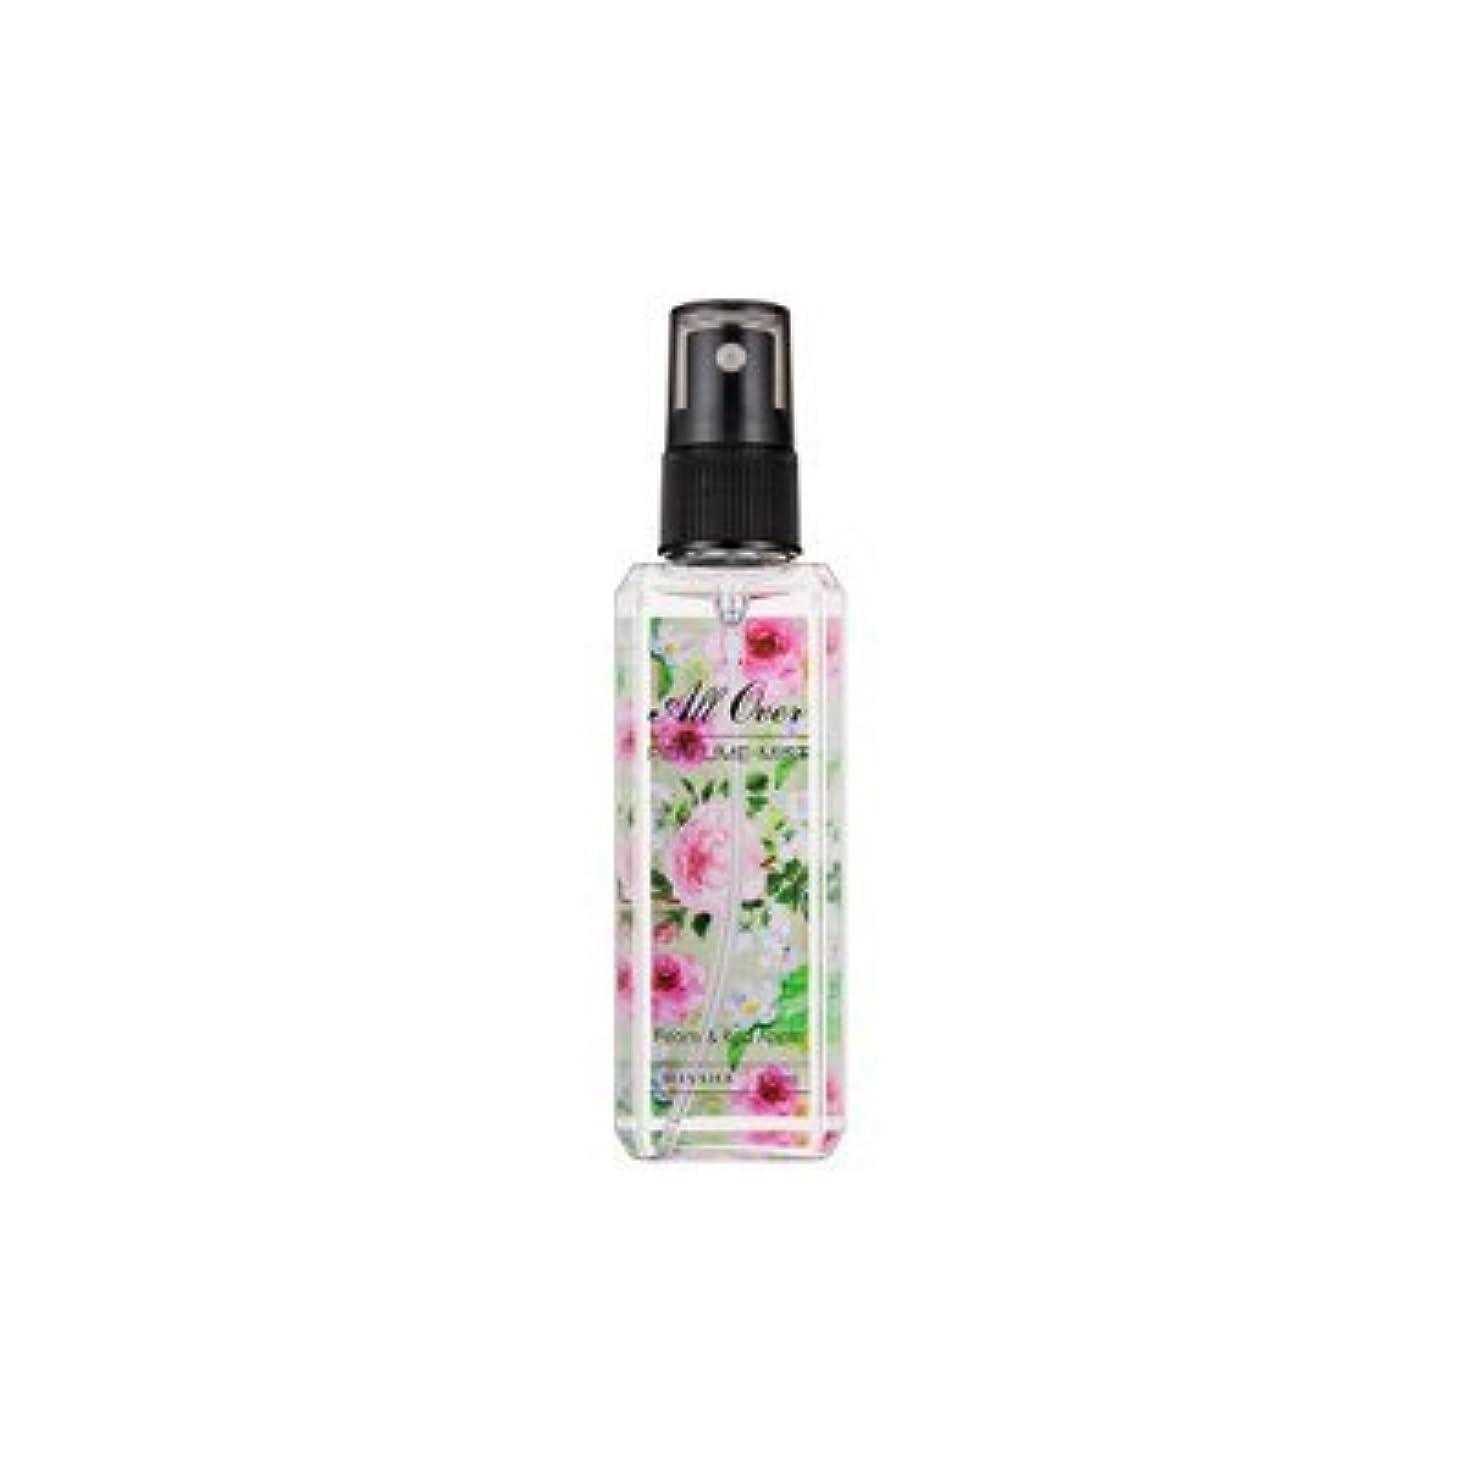 注釈扱いやすいおばあさんMISSHA All Over Perfumed Mist (Peony & Red Apple)/ ミシャ オールオーバーパフュームミスト (Peony & Red Apple) [並行輸入品]